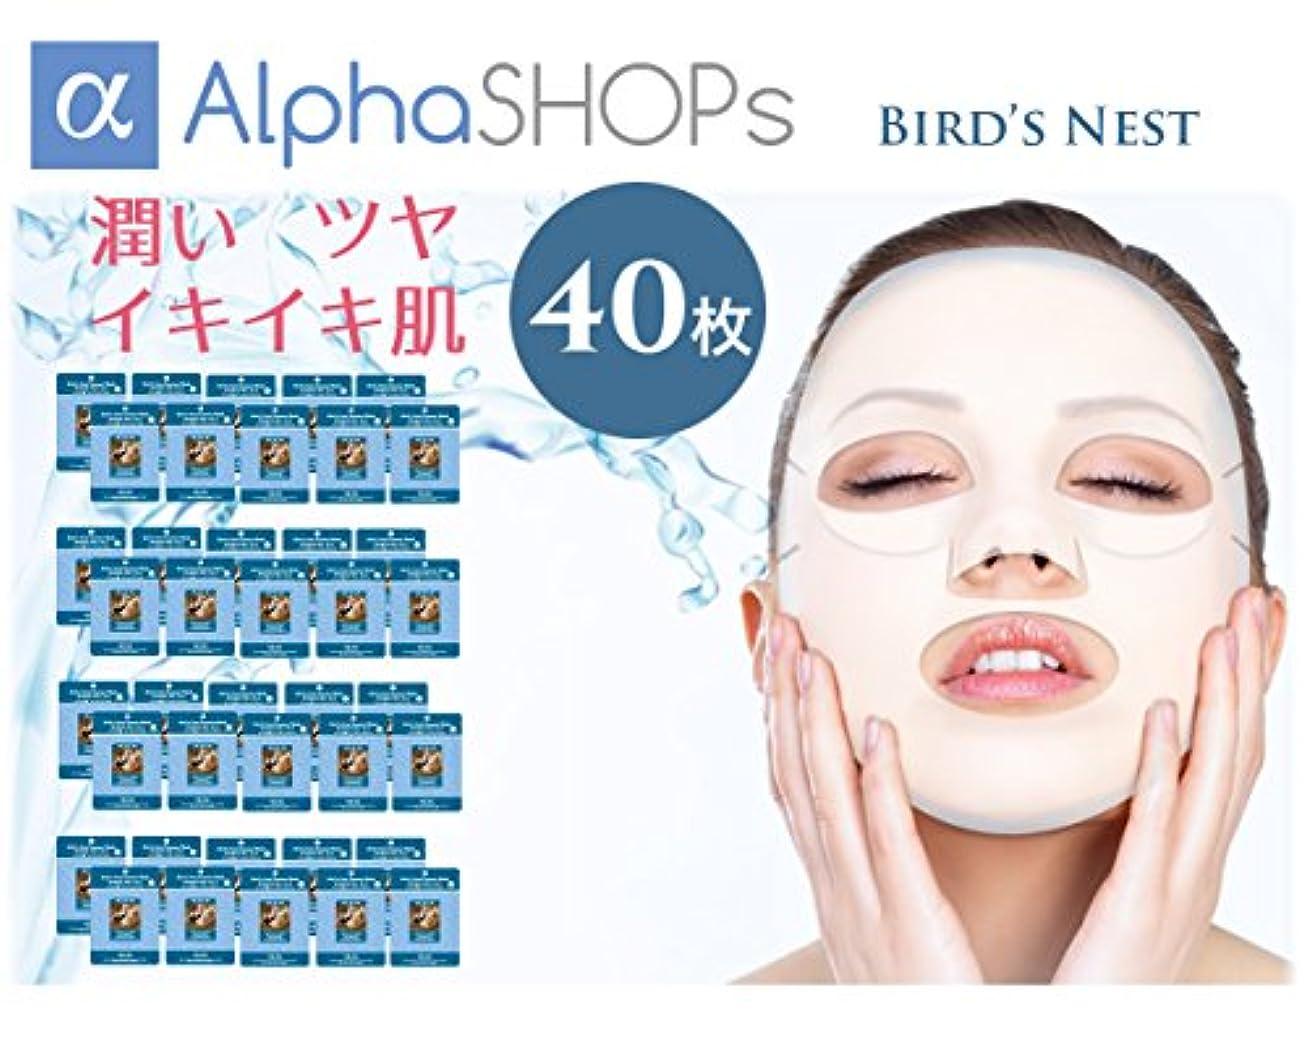 枠買う世界40枚セット アナツバメの巣 エッセンスマスク 韓国コスメ MIJIN(ミジン)